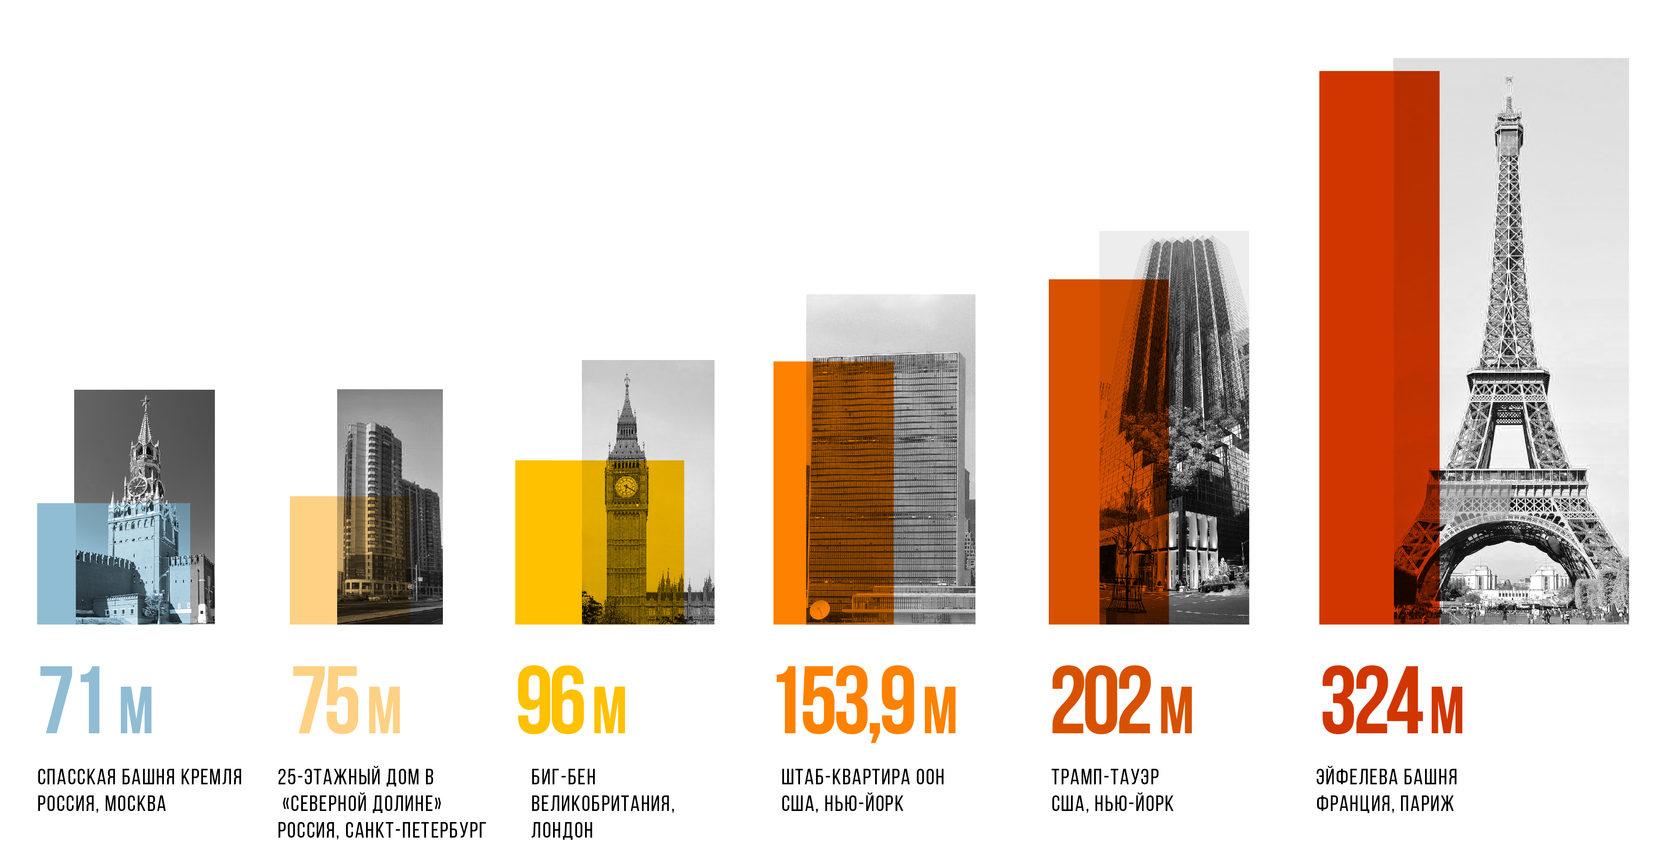 инфографика о высоте зданий в жк северная долина, застройщик главстрой-спб, читать на фонтанке